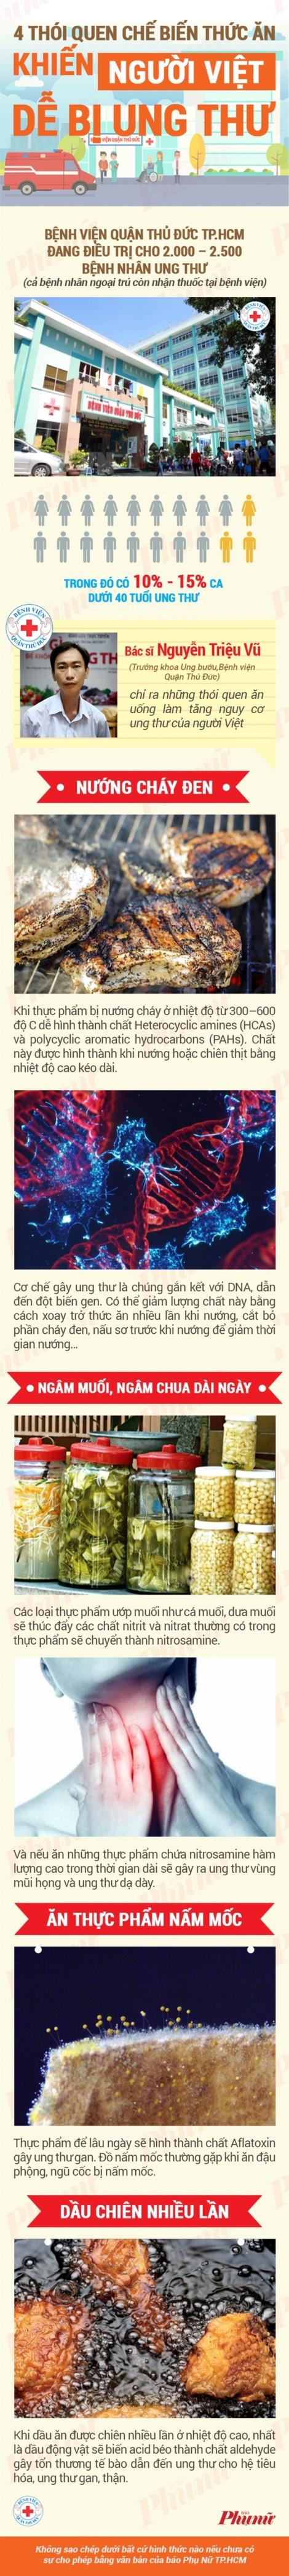 4 thói quen chế biến thức ăn khiến người Việt dễ bị ung thư